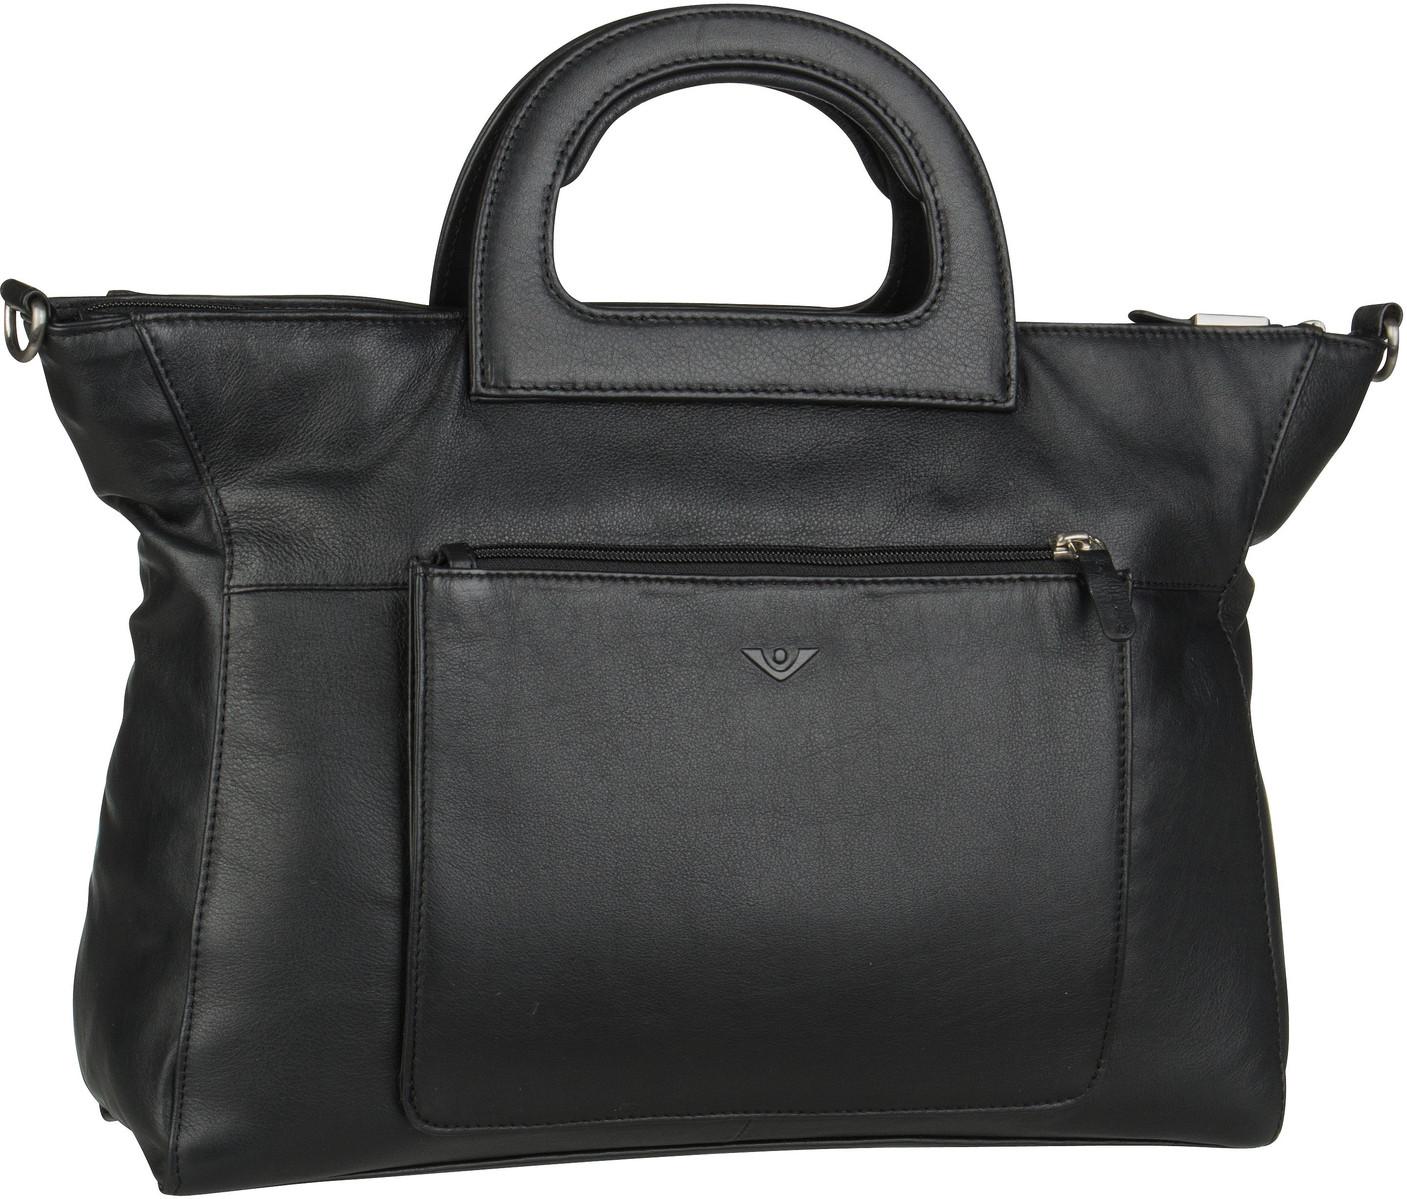 Voi Handtasche Soft 21552 Kurzgrifftasche Schwarz